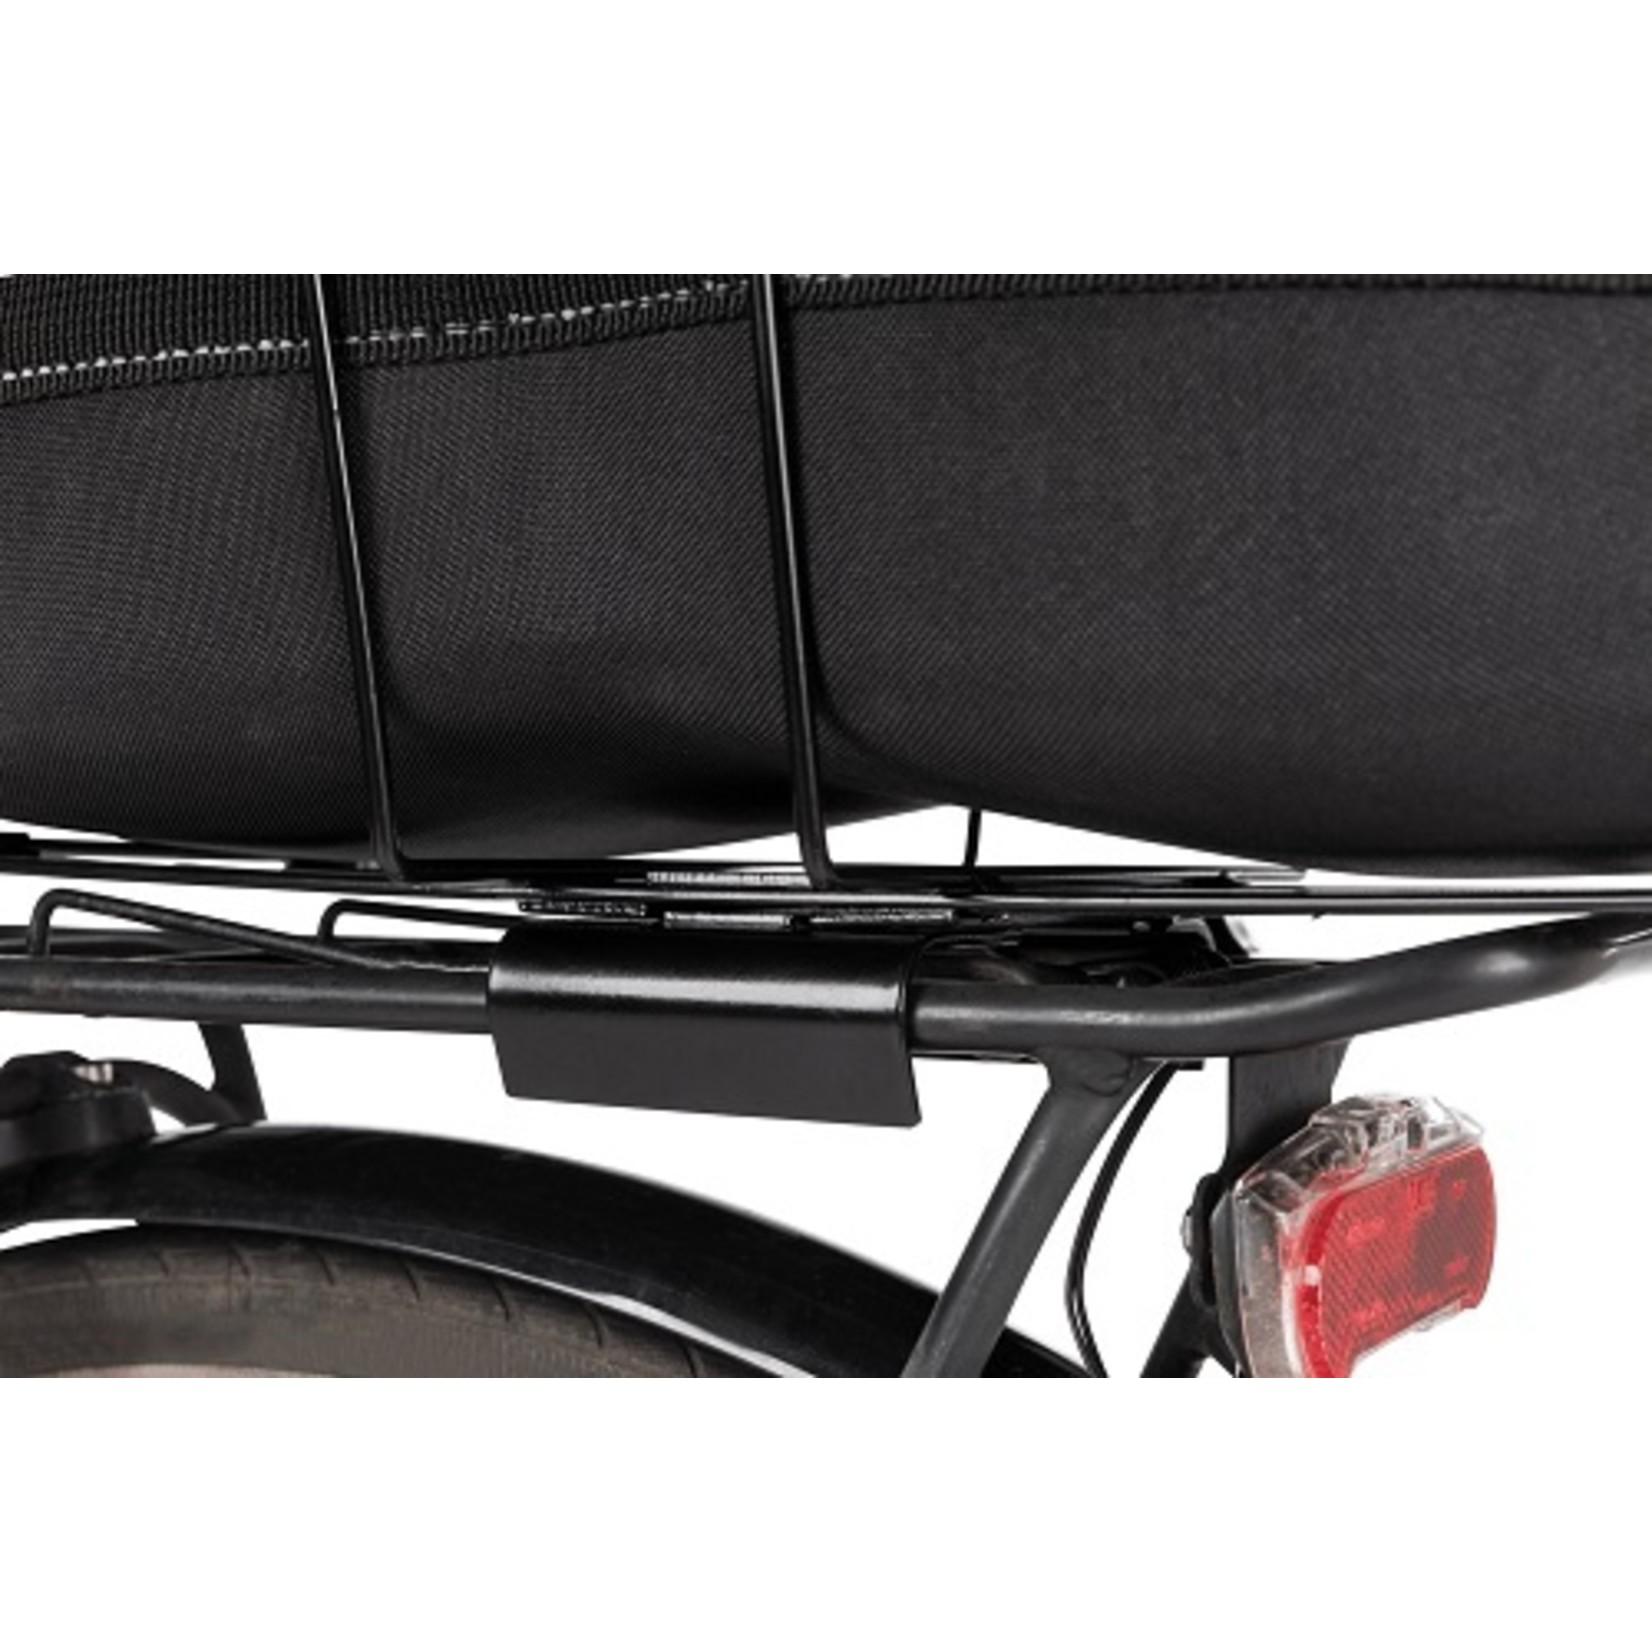 Fietsmand voor smalle bagagedragers, elektrische fietsen.